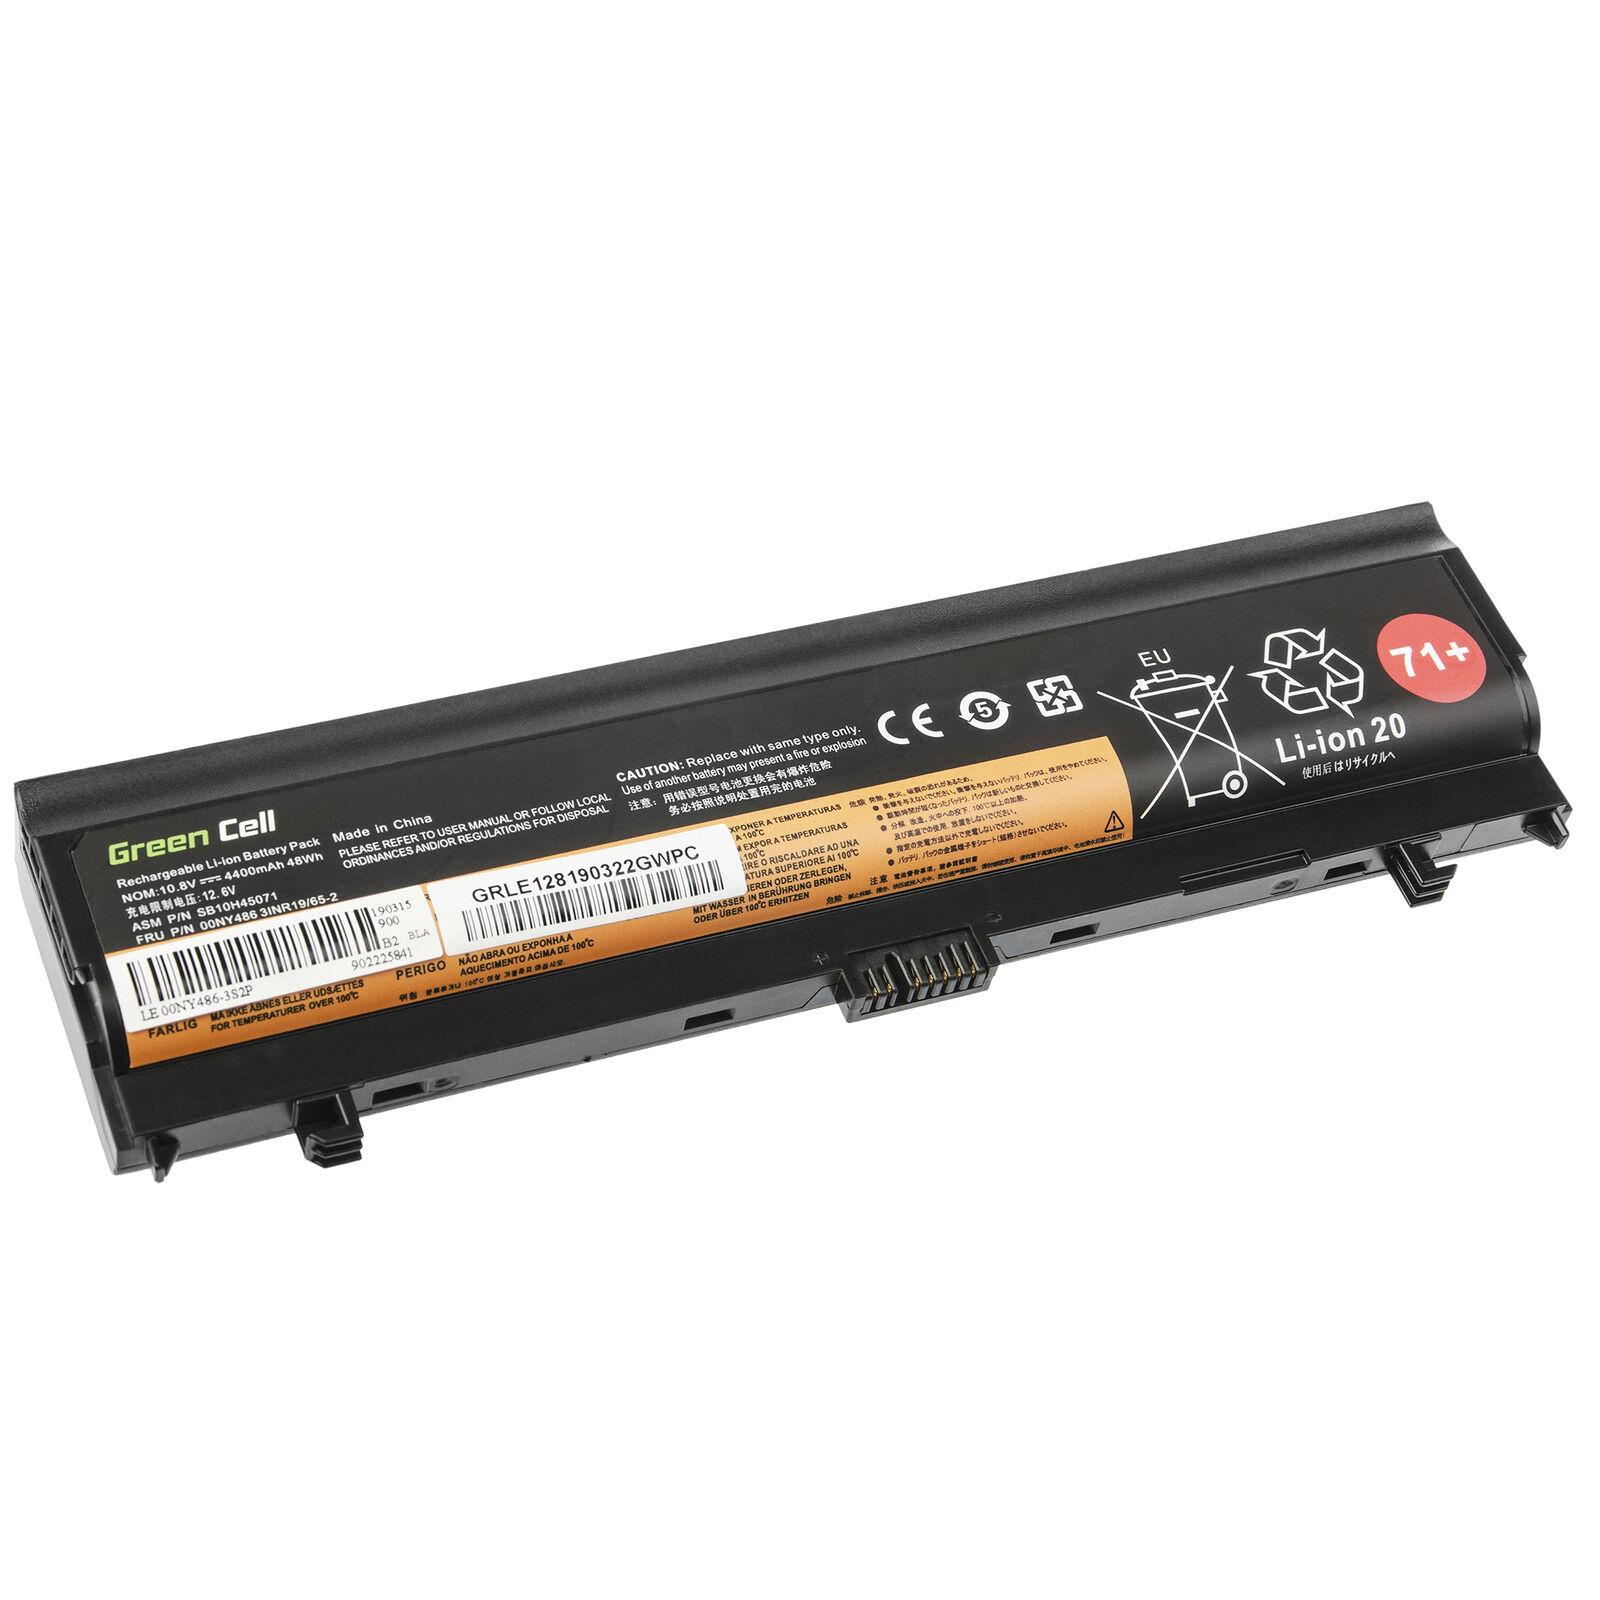 Bateria para Lenovo ThinkPad L560 L570 00NY486 00NY487 00NY488 00NY489 4400mAh